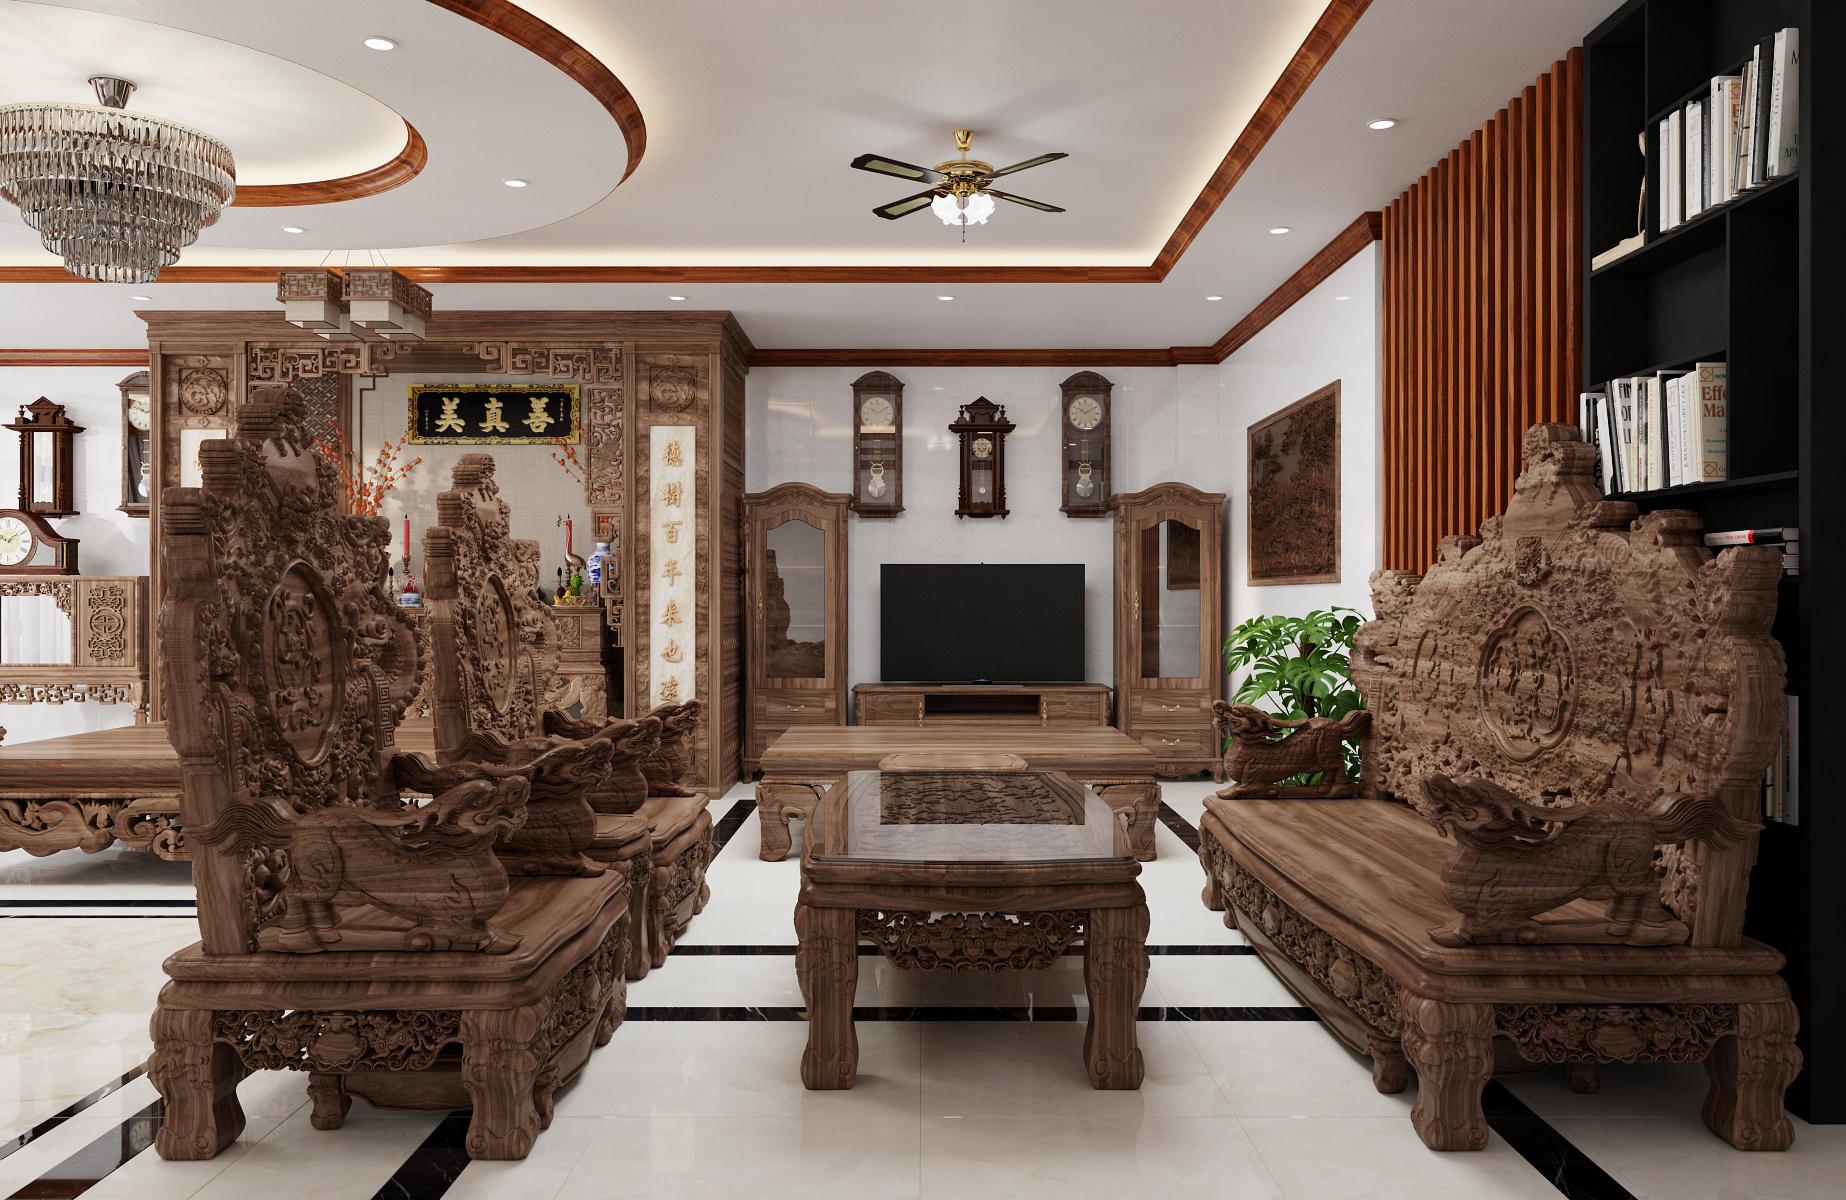 Thiết kế nội thất Biệt Thự tại Nam Định Living House 1573645676 7